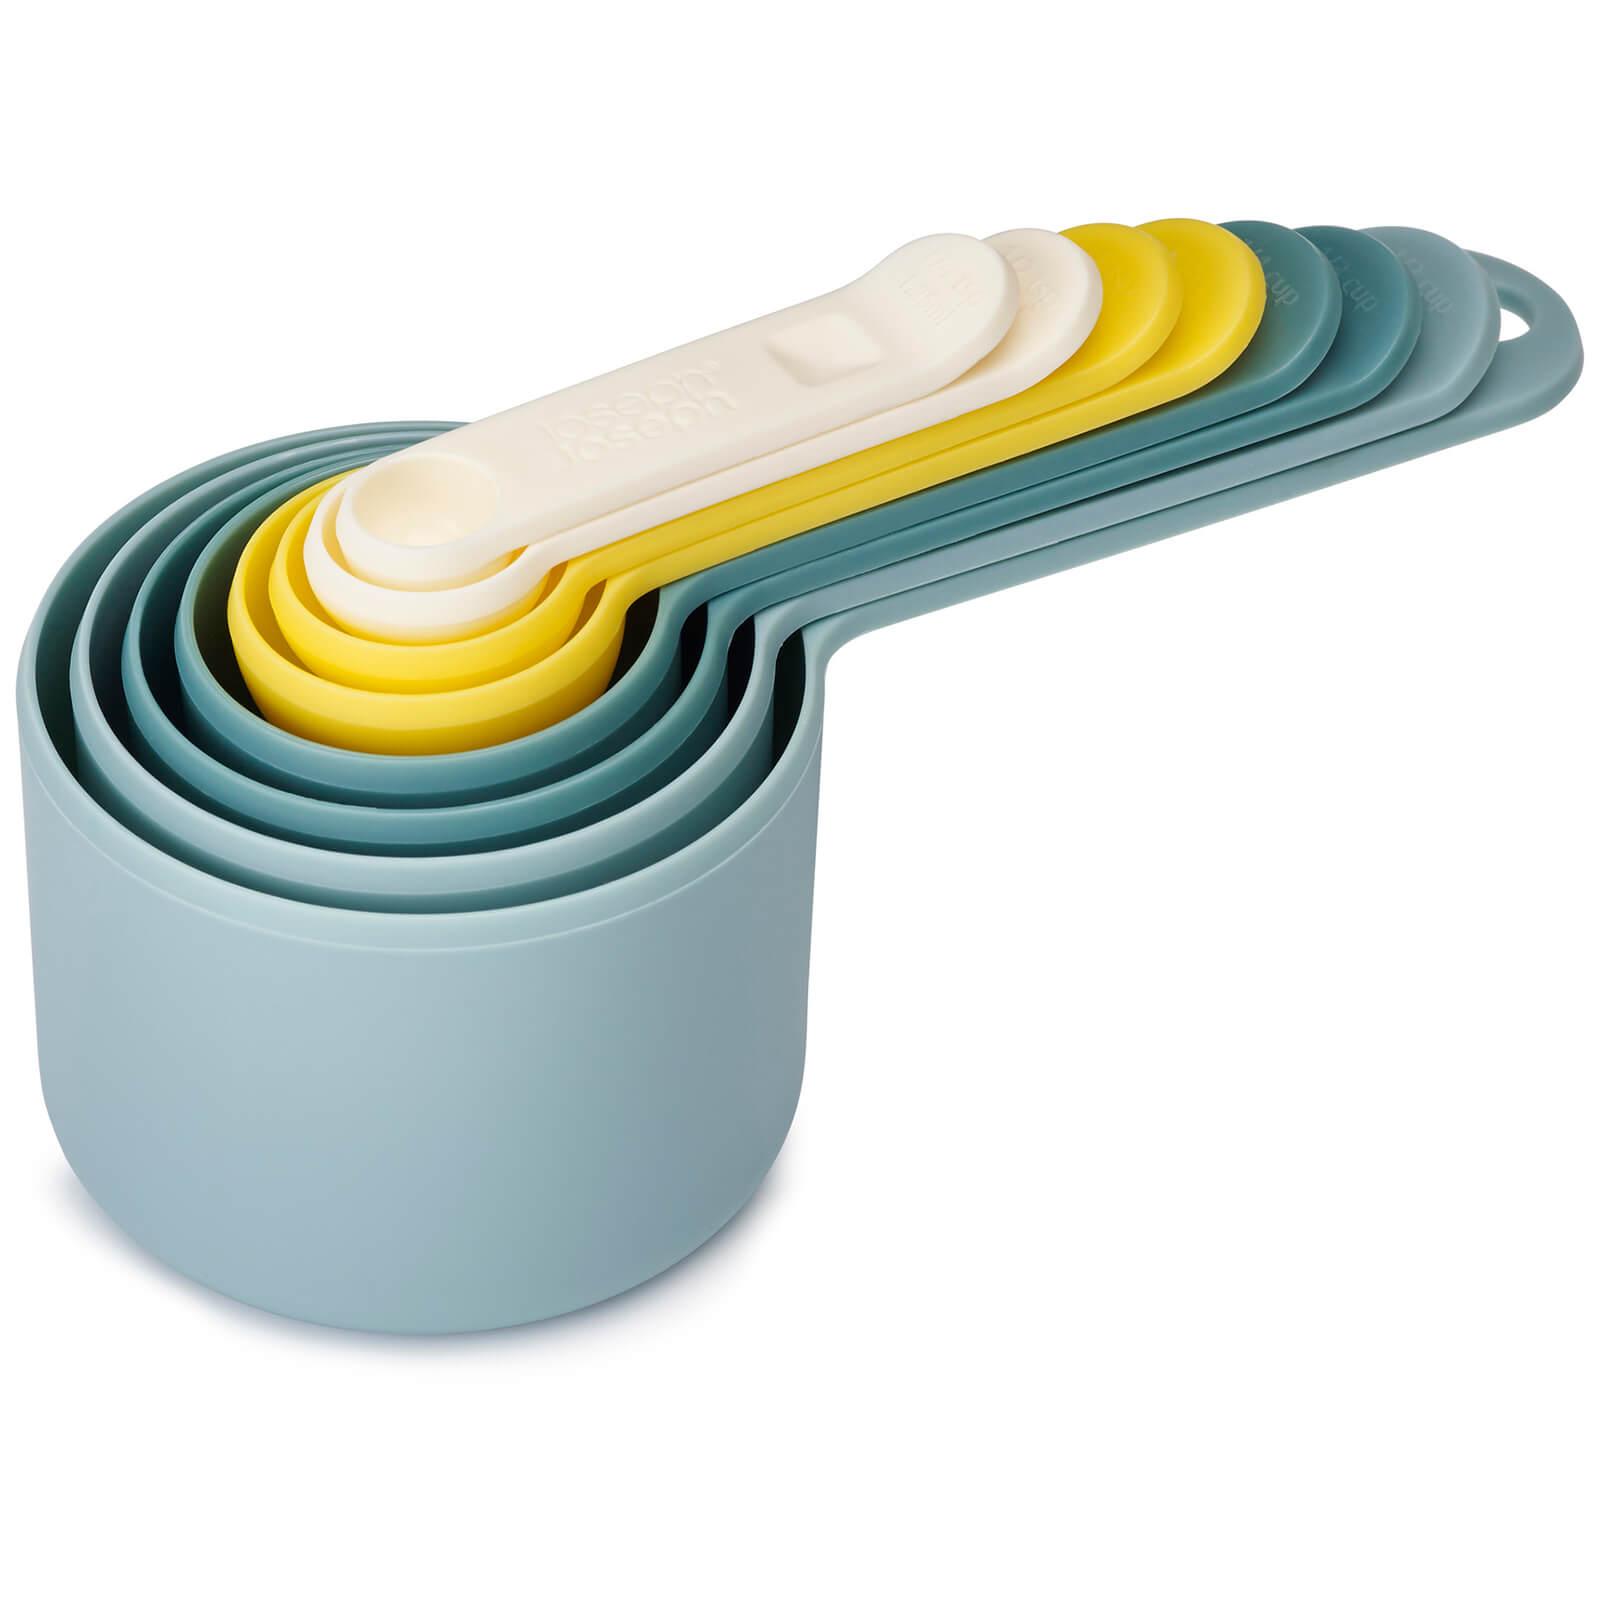 Joseph Joseph Nest Measure Cup Set - Opal